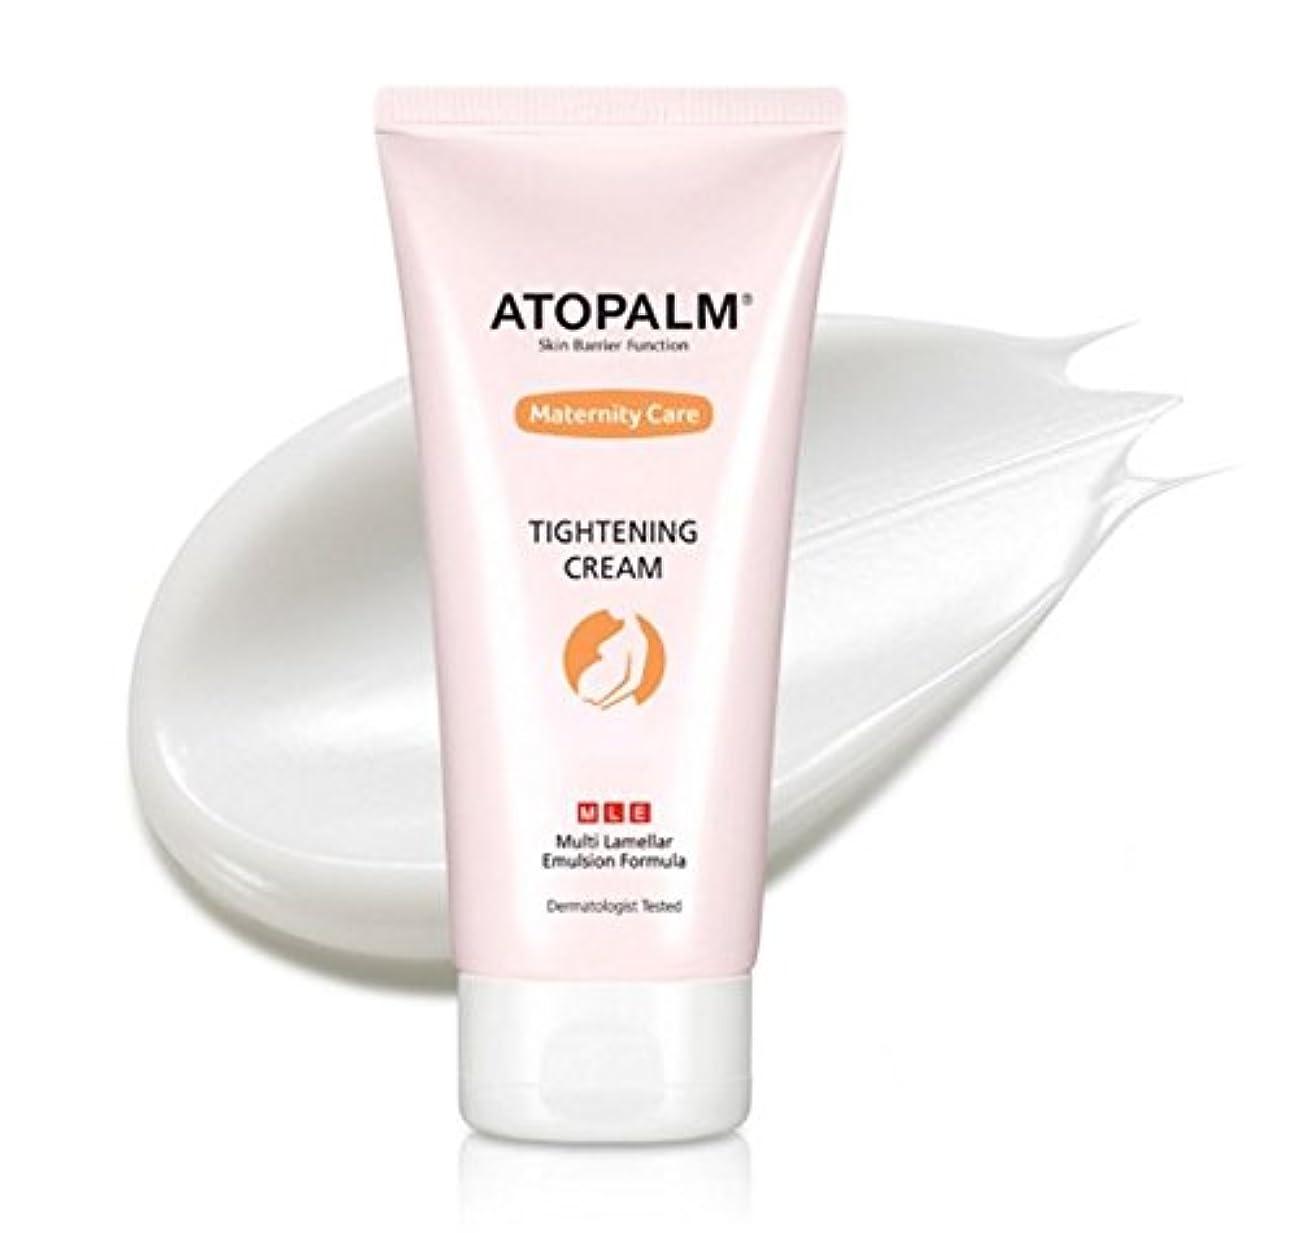 出発する話す洞察力ATOPALM Maternity Care Tightening Cream 150ml/アトパーム マタニティ ケア タイトニング クリーム 150ml [並行輸入品]